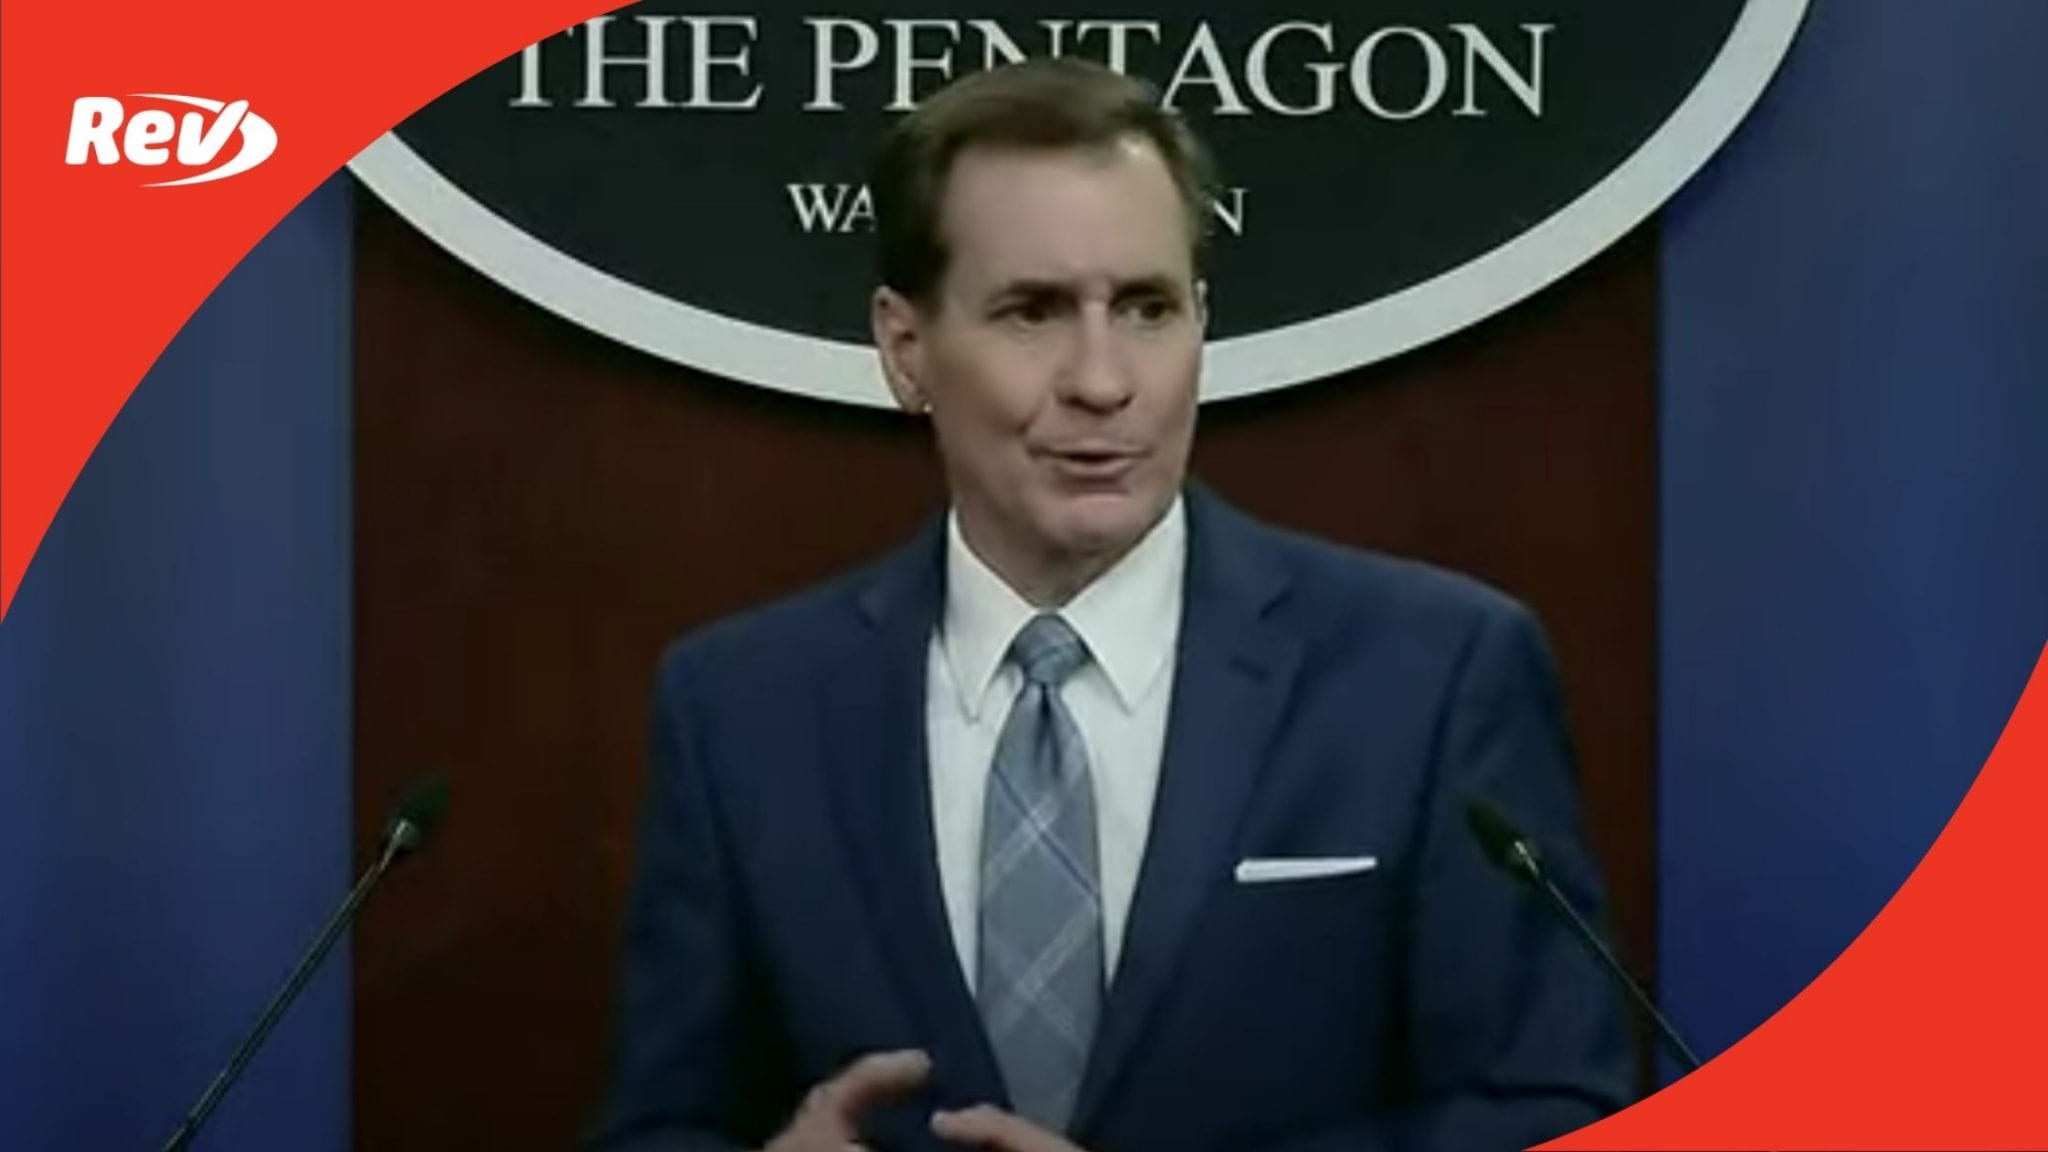 Pentagon Press Secretary John Kirby Press Briefing Transcript: Troop Withdrawal From Afghanistan